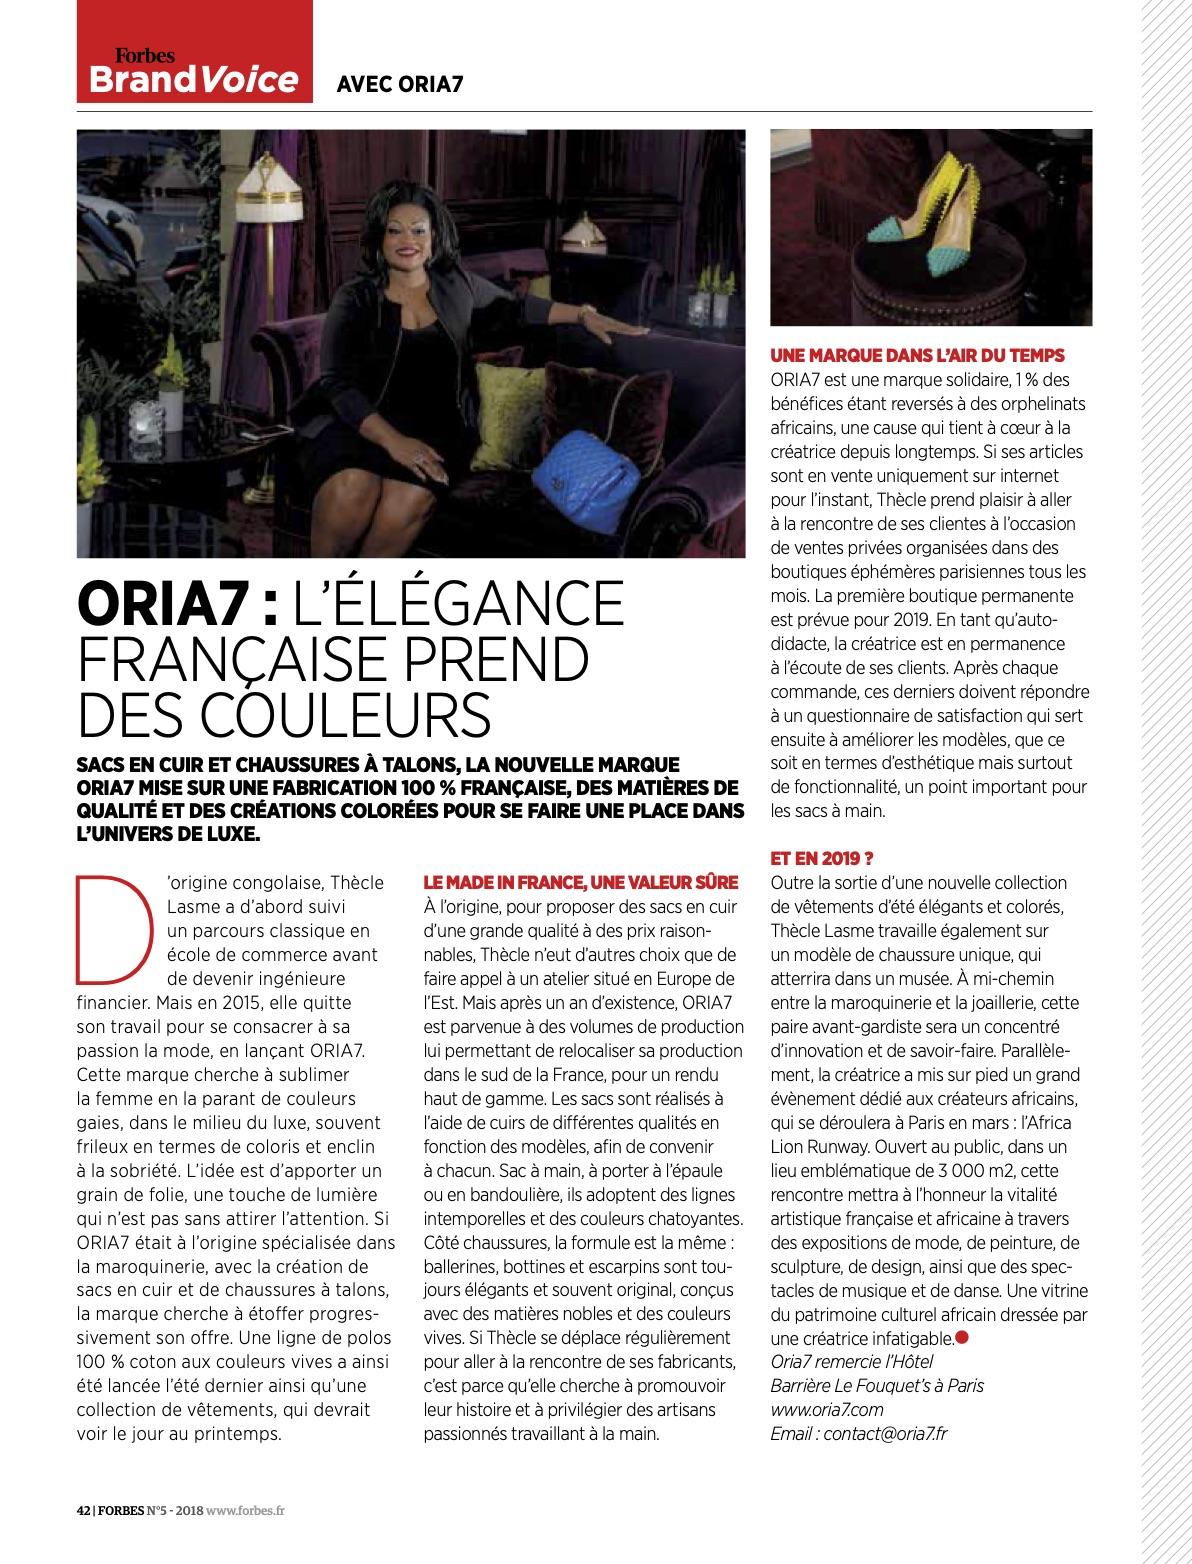 Oria7